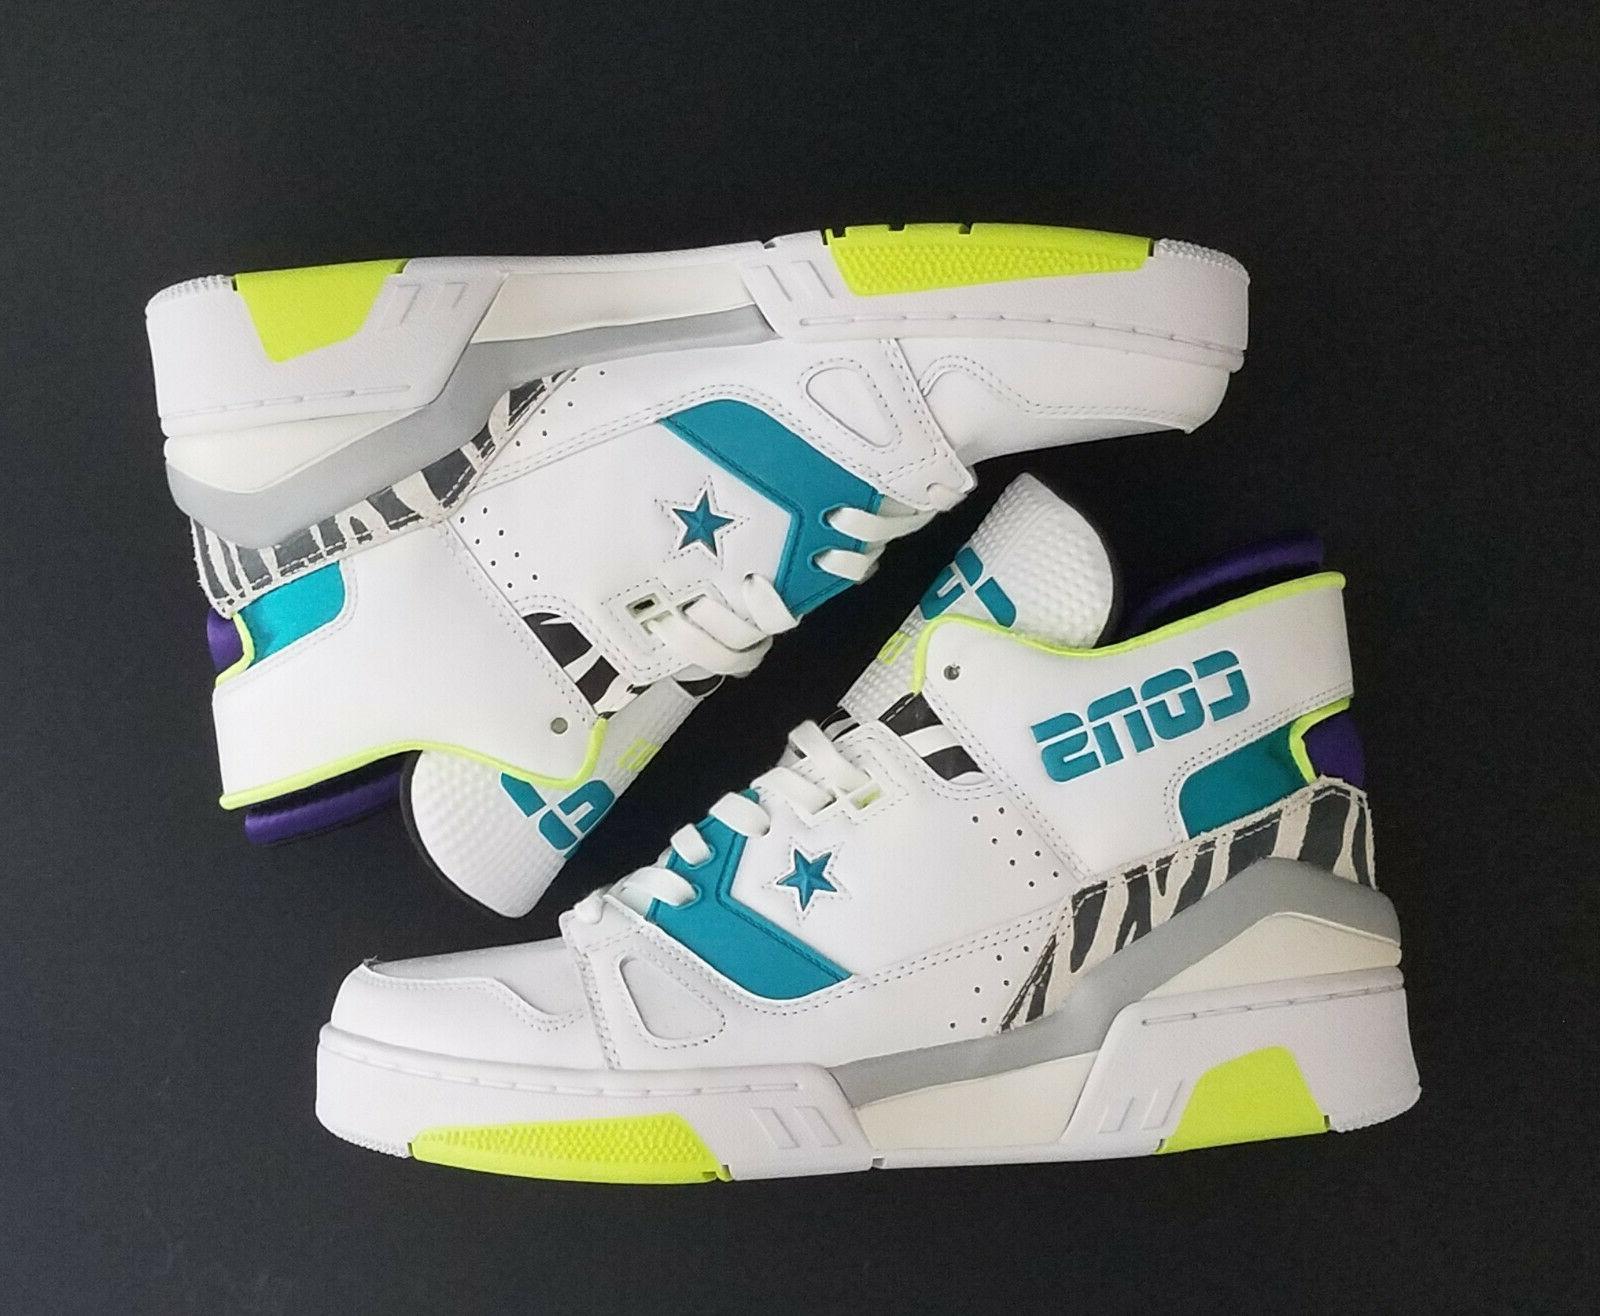 Converse Shoes ERX 260 Sz 9 Men / 10.5 Women White /Teal/Pur